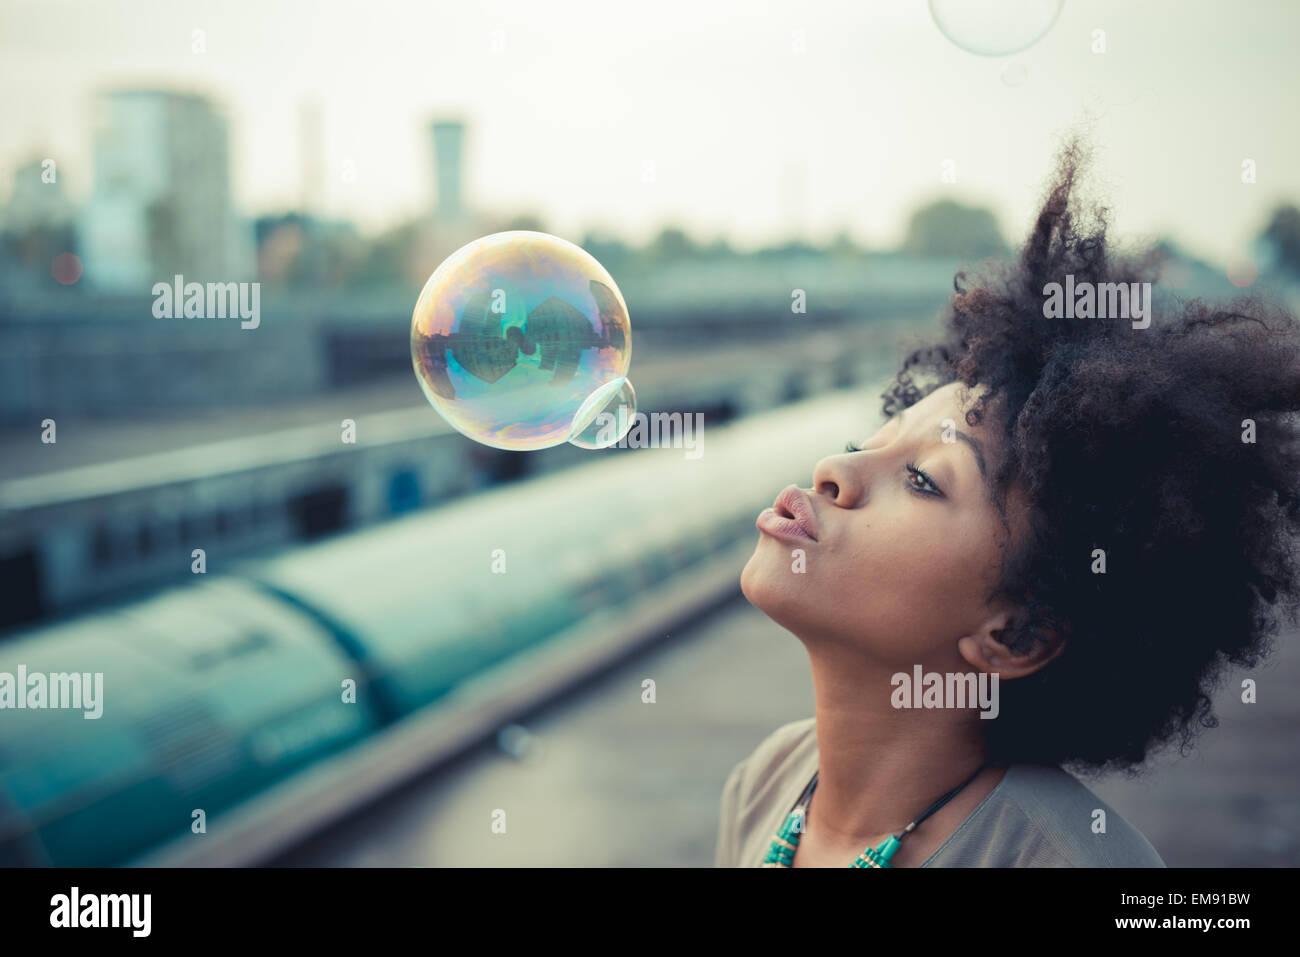 Junge Frau bläst Seifenblasen im Industriegebiet der Stadt Stockbild